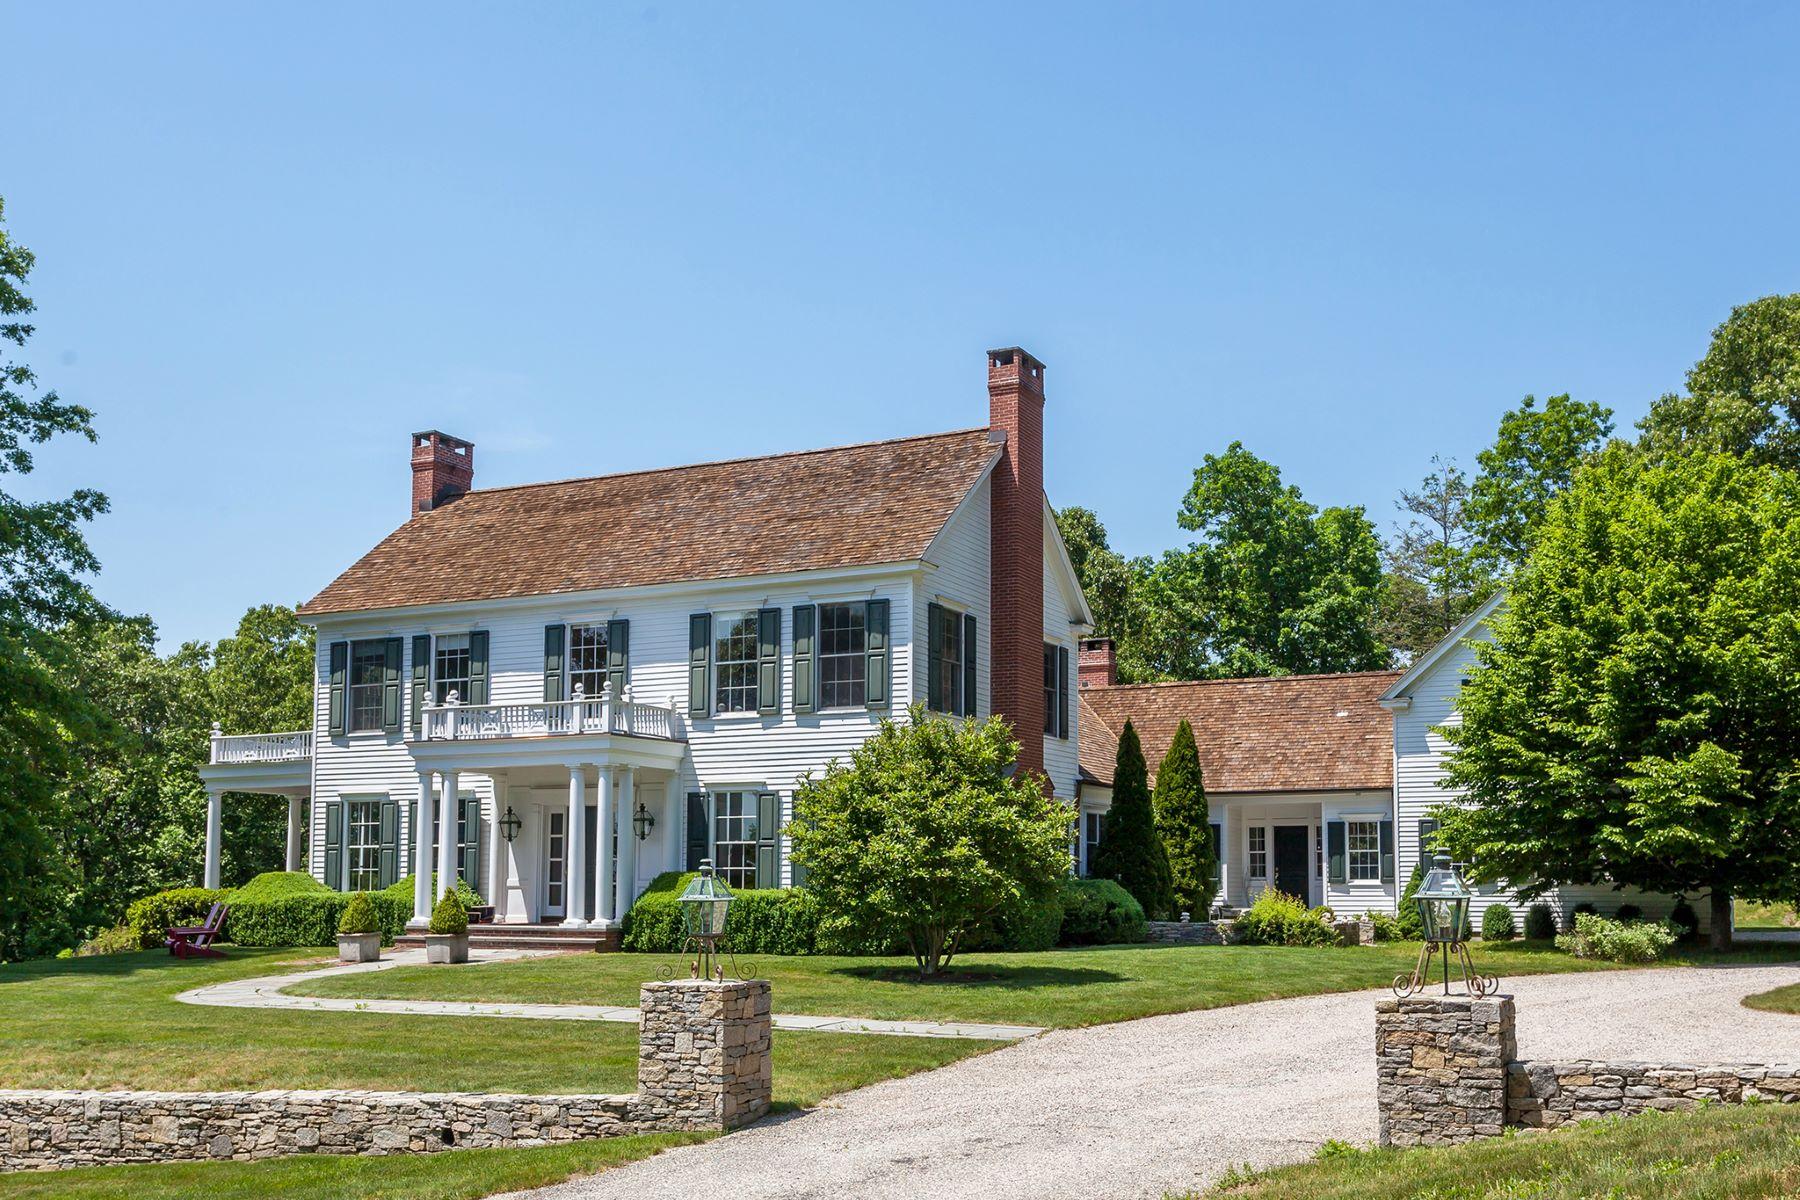 独户住宅 为 出租 在 Classically Refined 36 Southbury Road, 罗克斯伯里, 康涅狄格州, 06783 美国